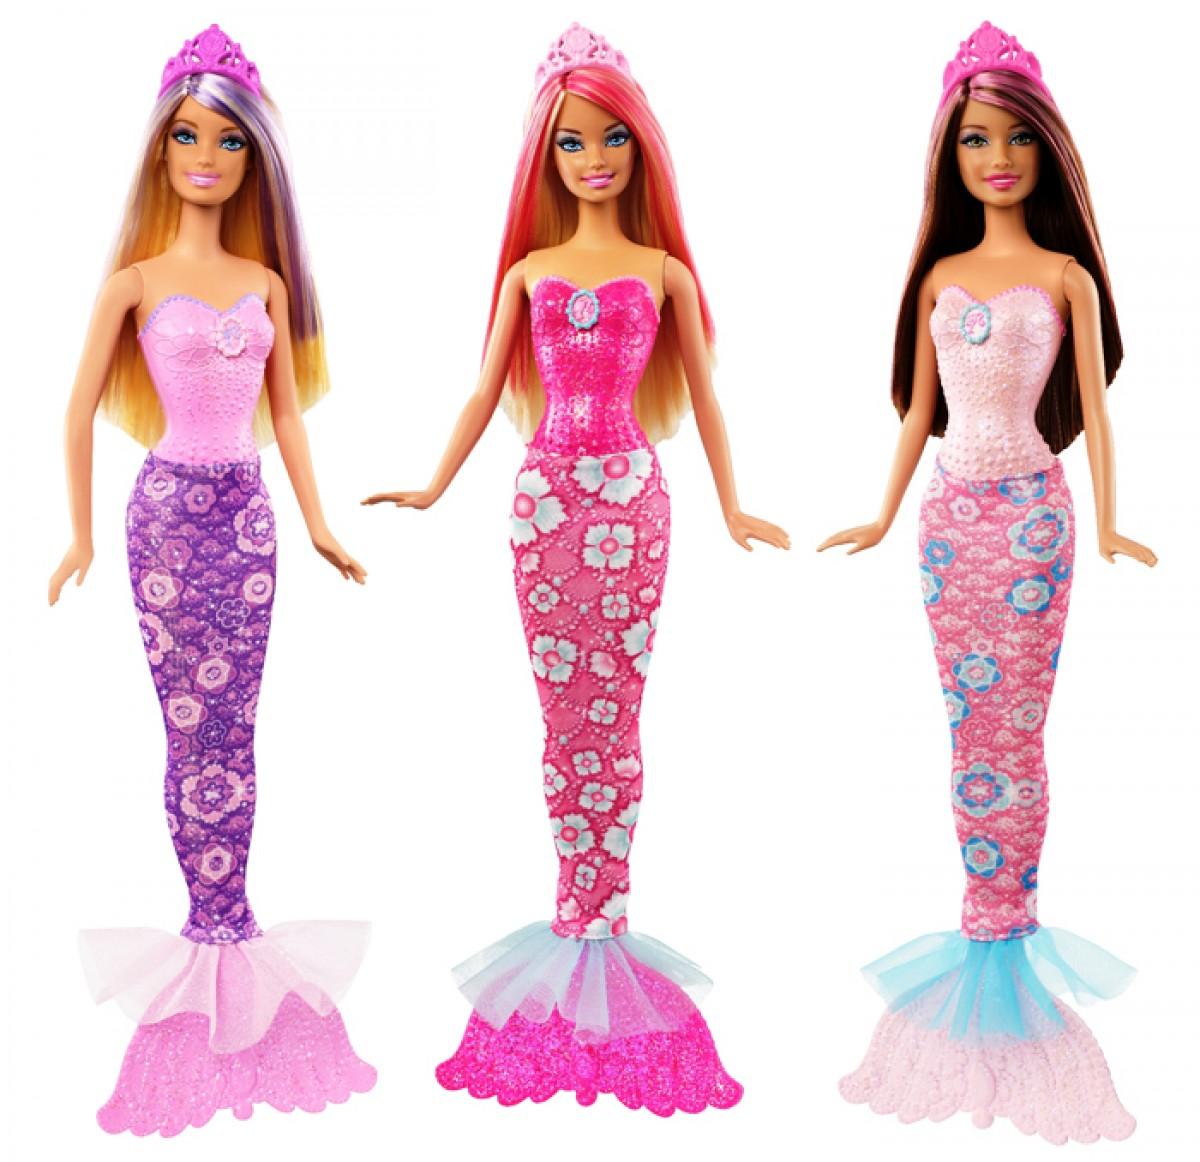 Barbie'den Kız Çocuklarına Özel Bayram Serisi